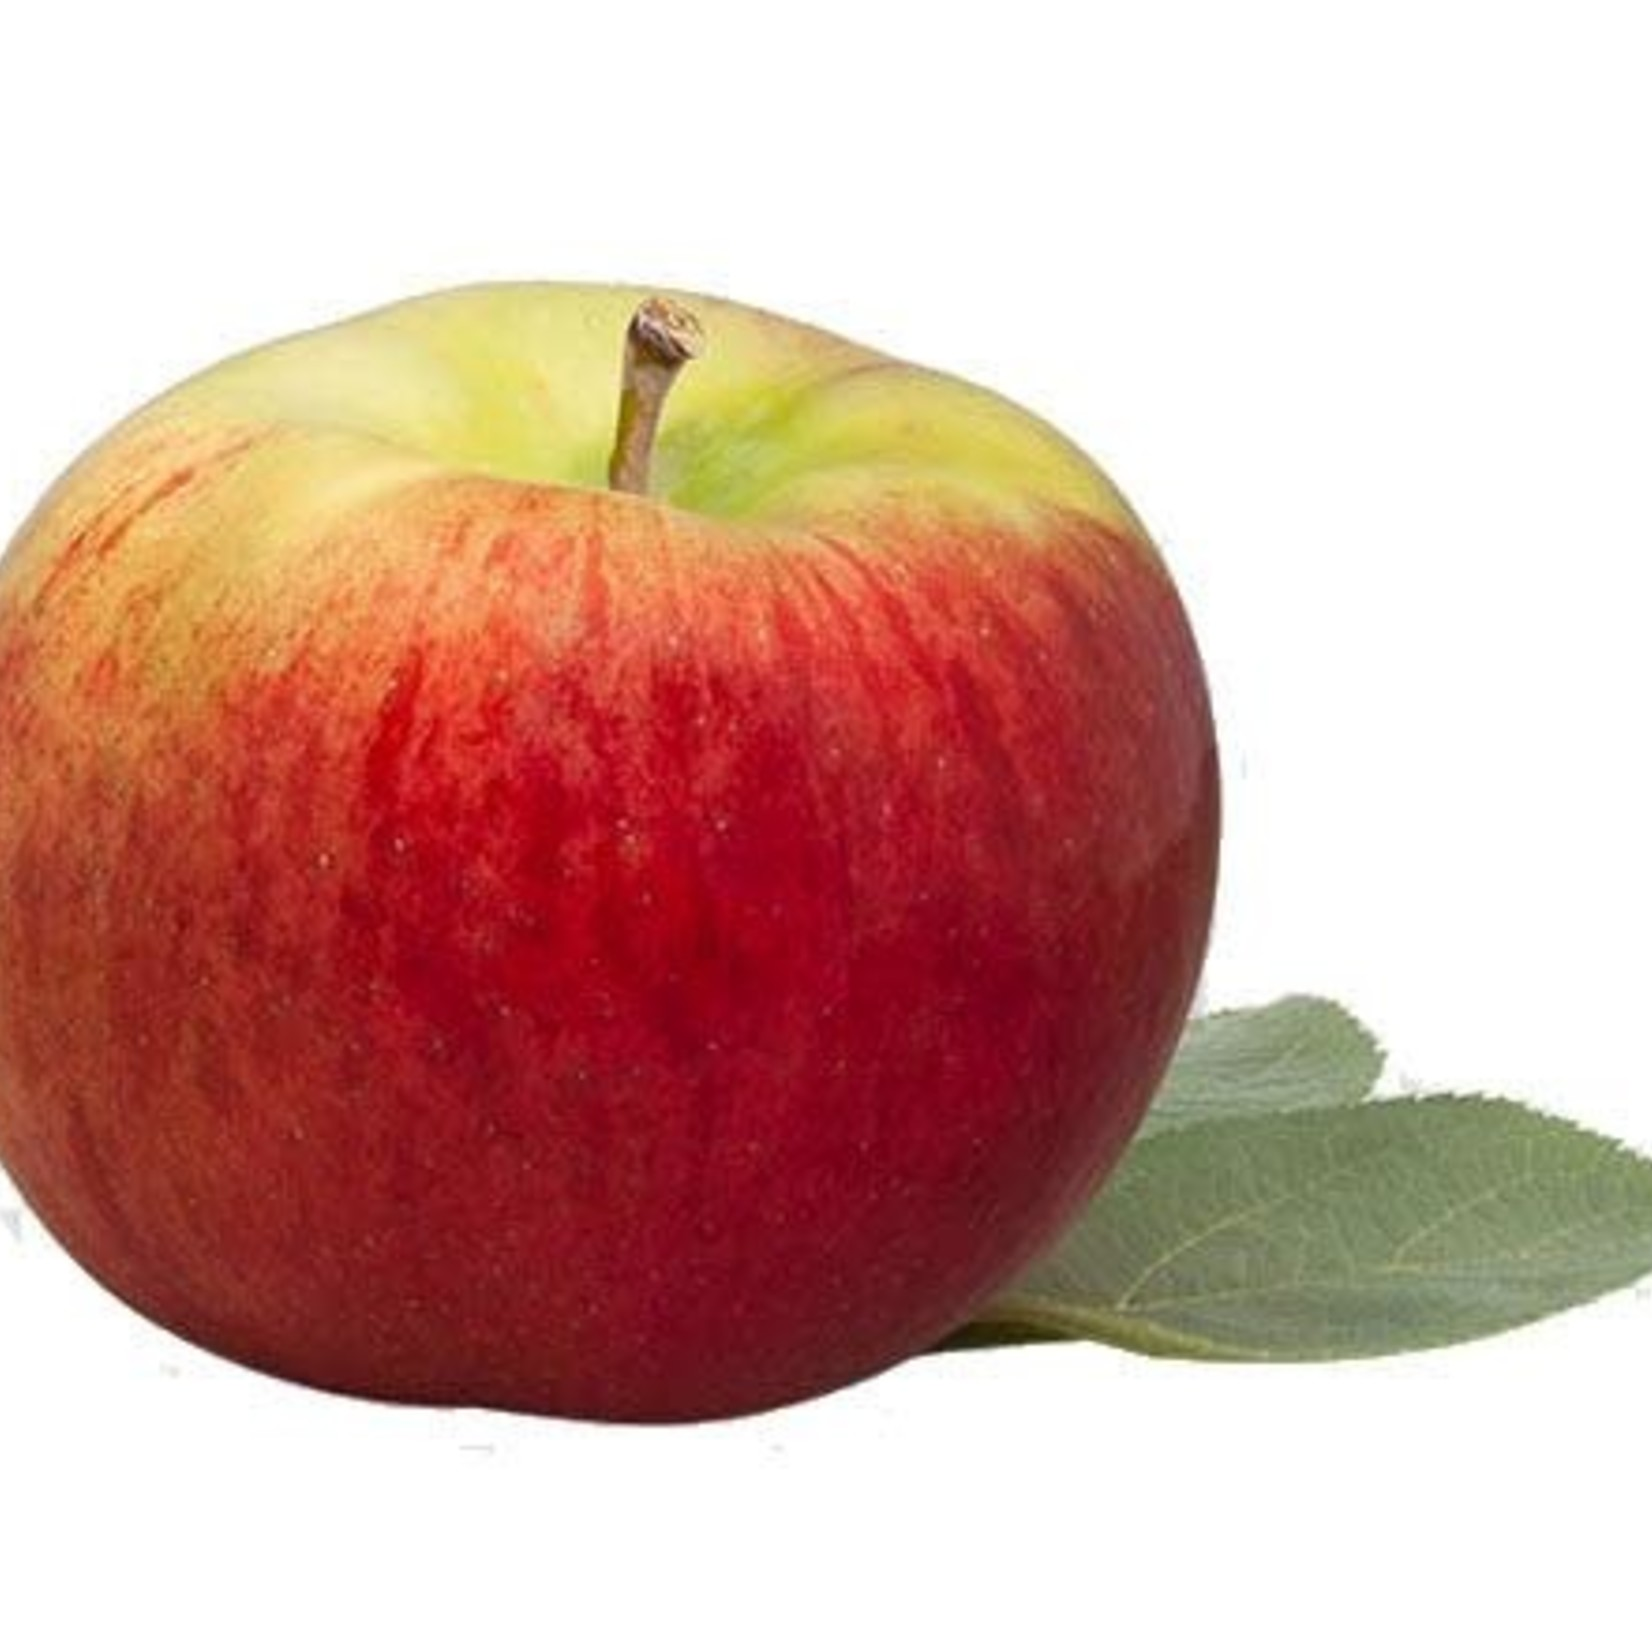 Pomme Cortland - (Panier)